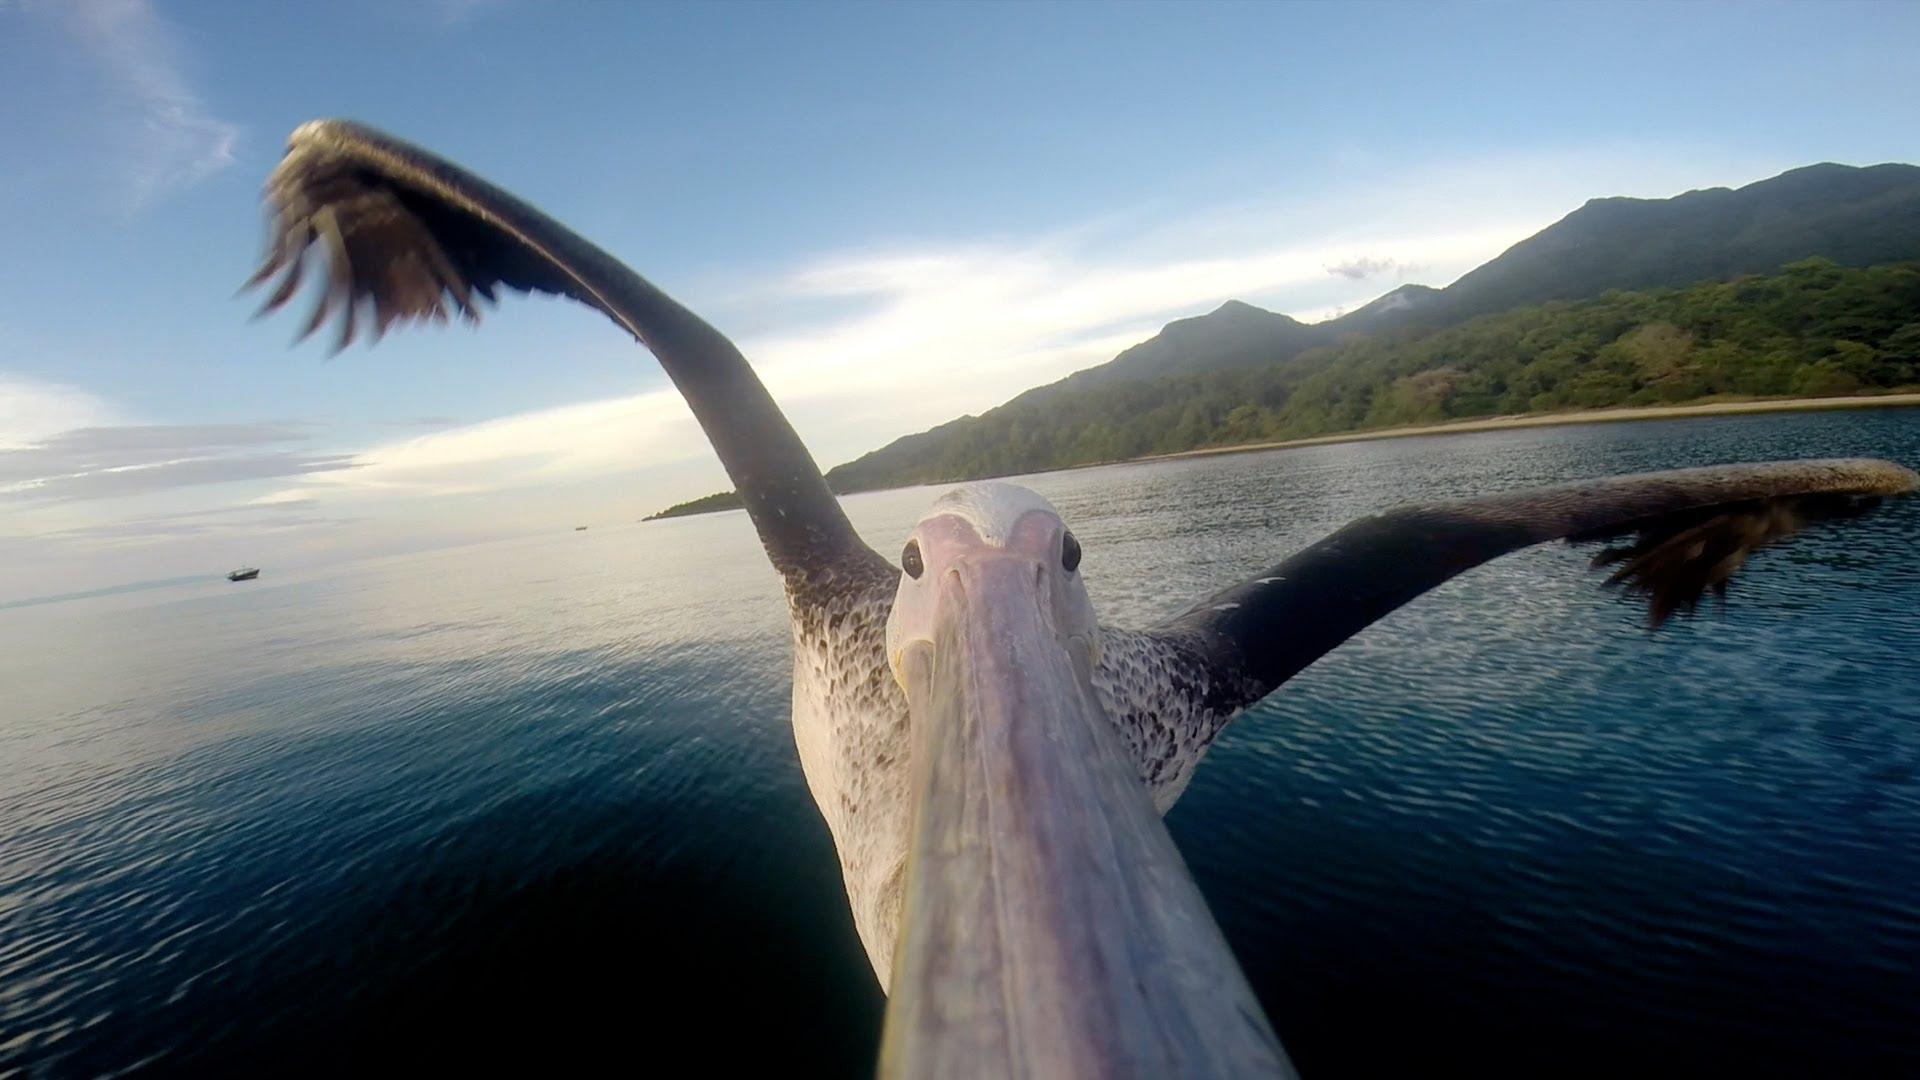 Une GoPro sur le nez d'un pélican